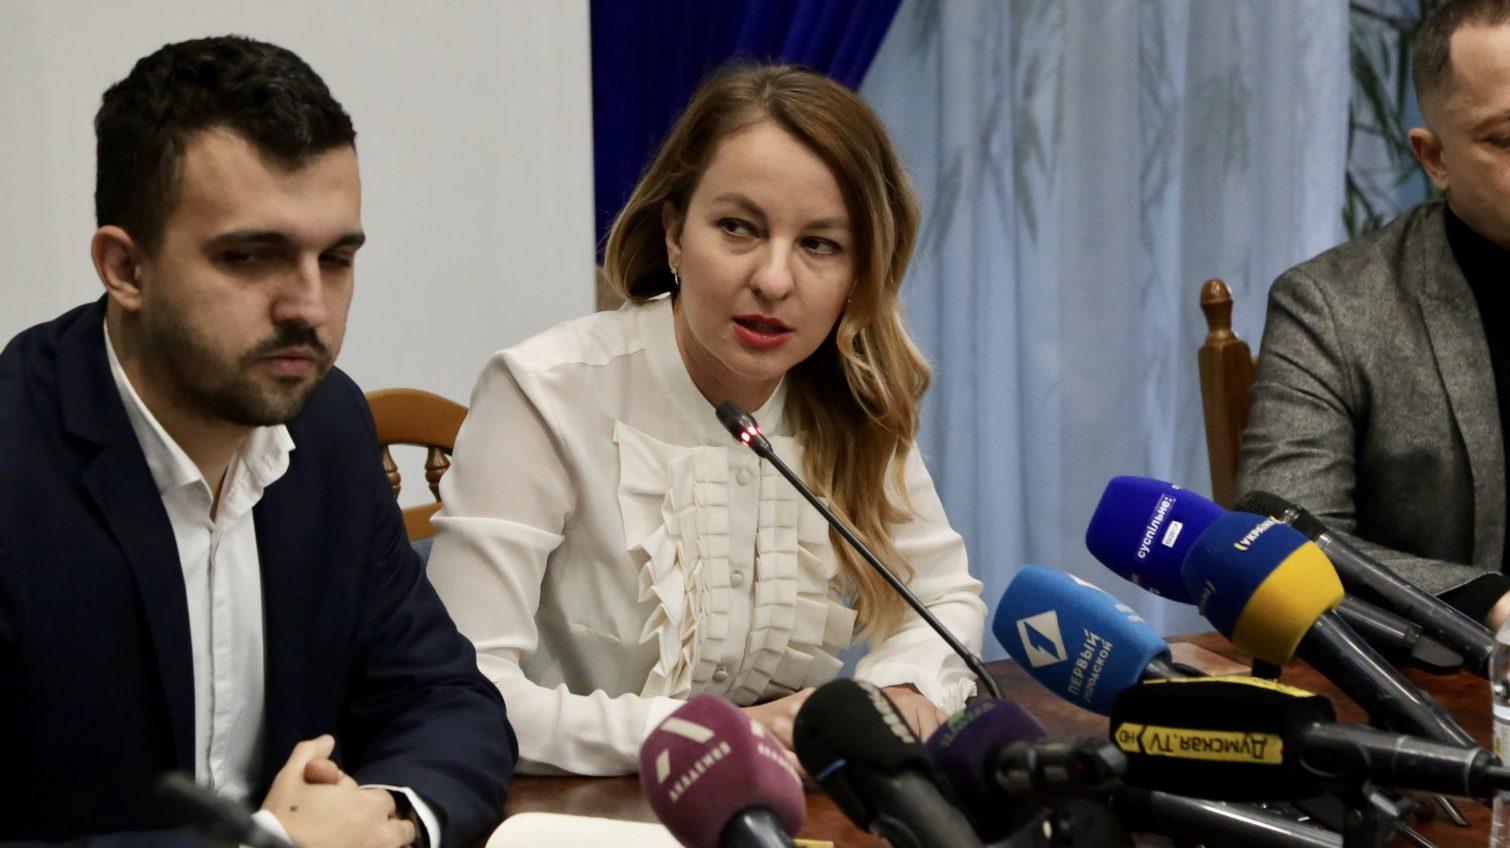 Правомерность получения субсидий тщательно проверяется – министр соцполитики «фото»